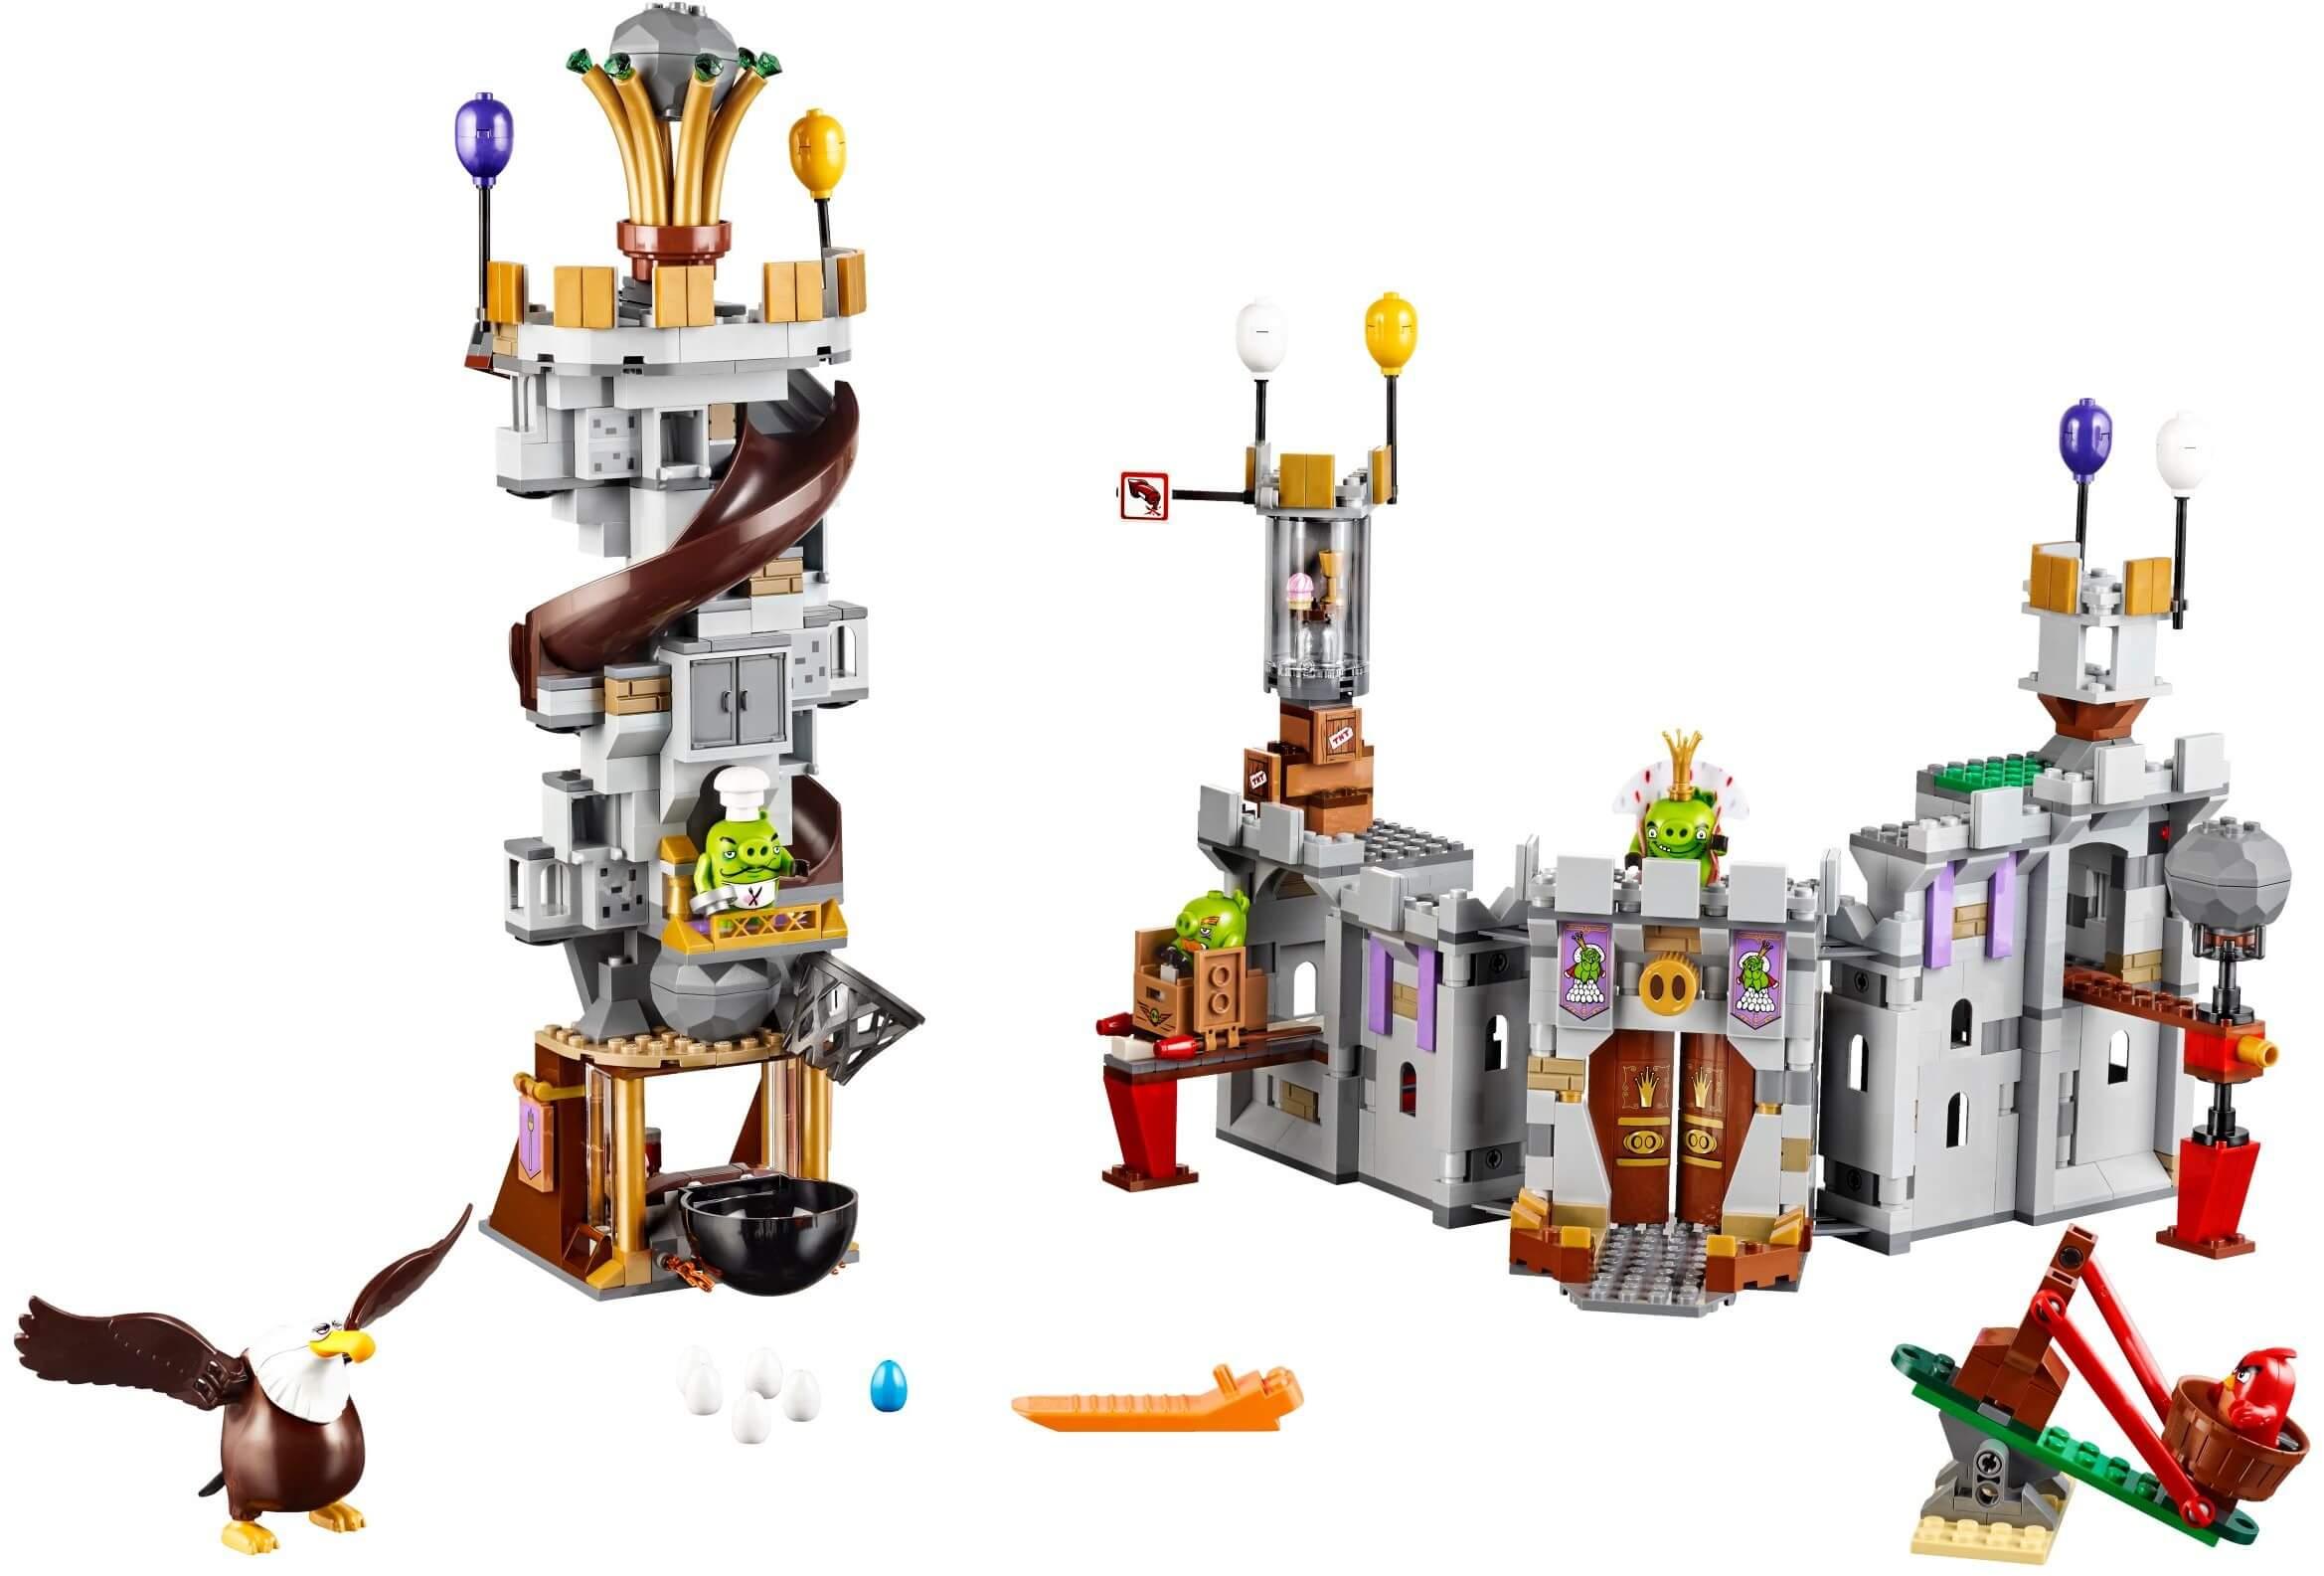 Mua đồ chơi LEGO 75826 - LEGO Angry Birds 75826 - Tấn Công Lâu Đài của Vua Lợn (LEGO Angry Birds King Pig's Castle 75826)